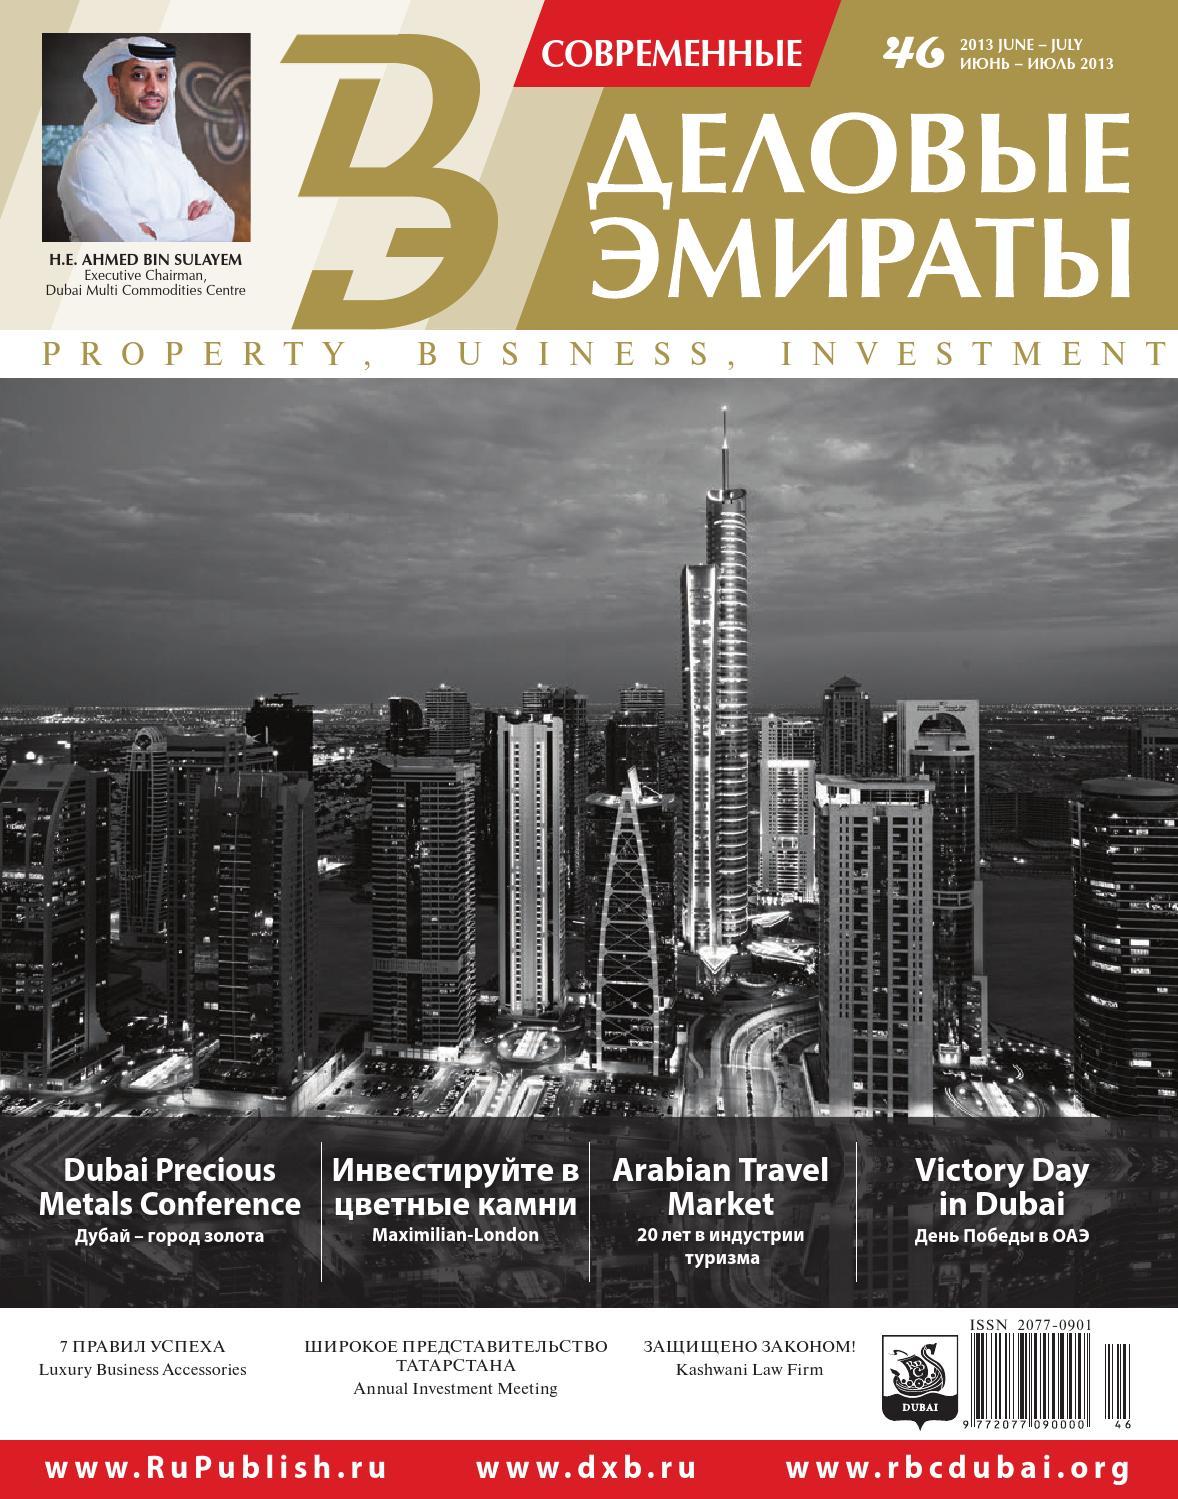 Рынок недвижимости в дубае 2013 купить отель в австрии